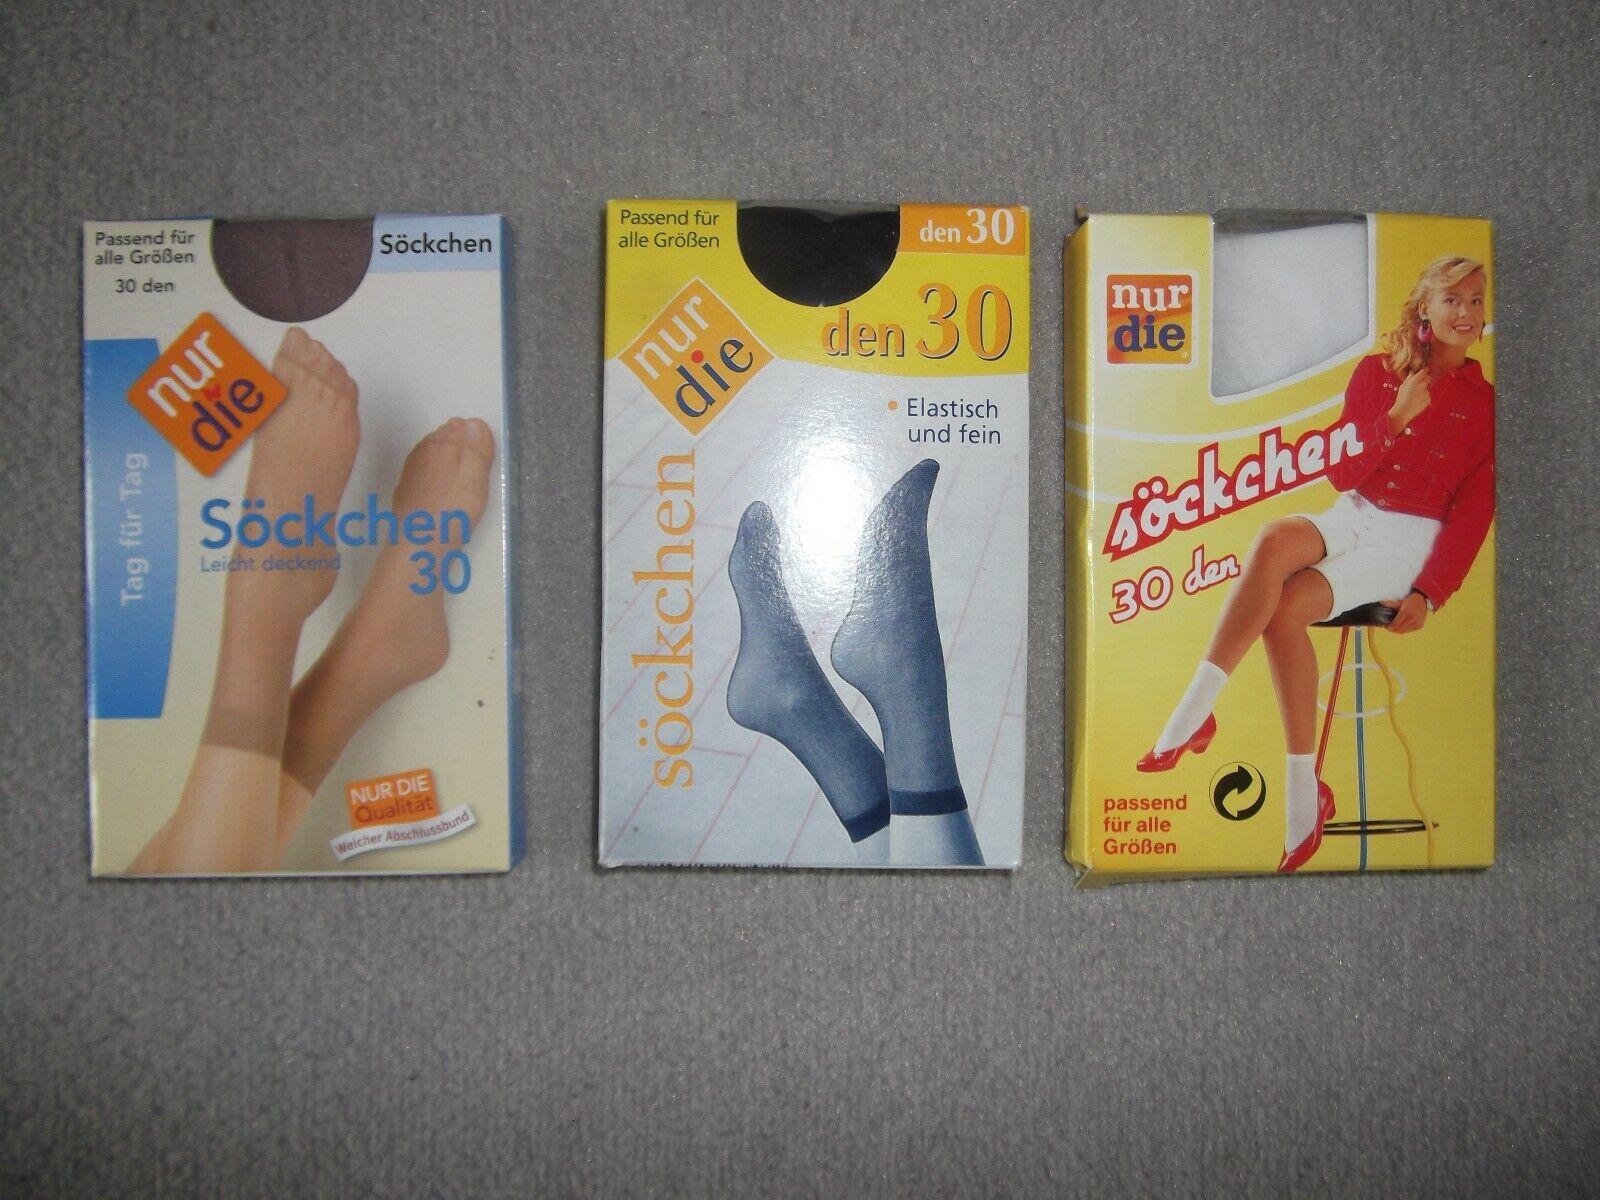 NEU OVP 3x NUR DIE Socken 30 den DAMEN one size